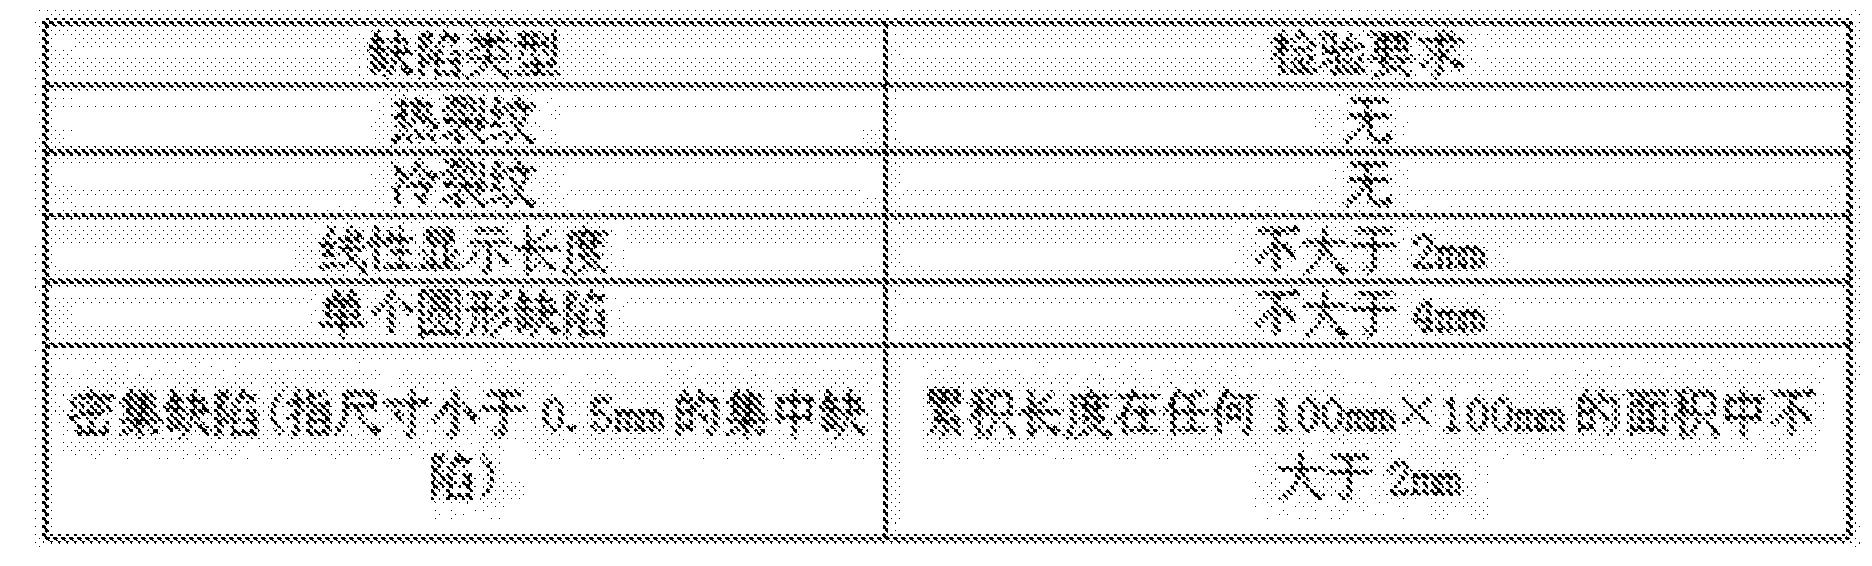 Figure CN104190874BD00061